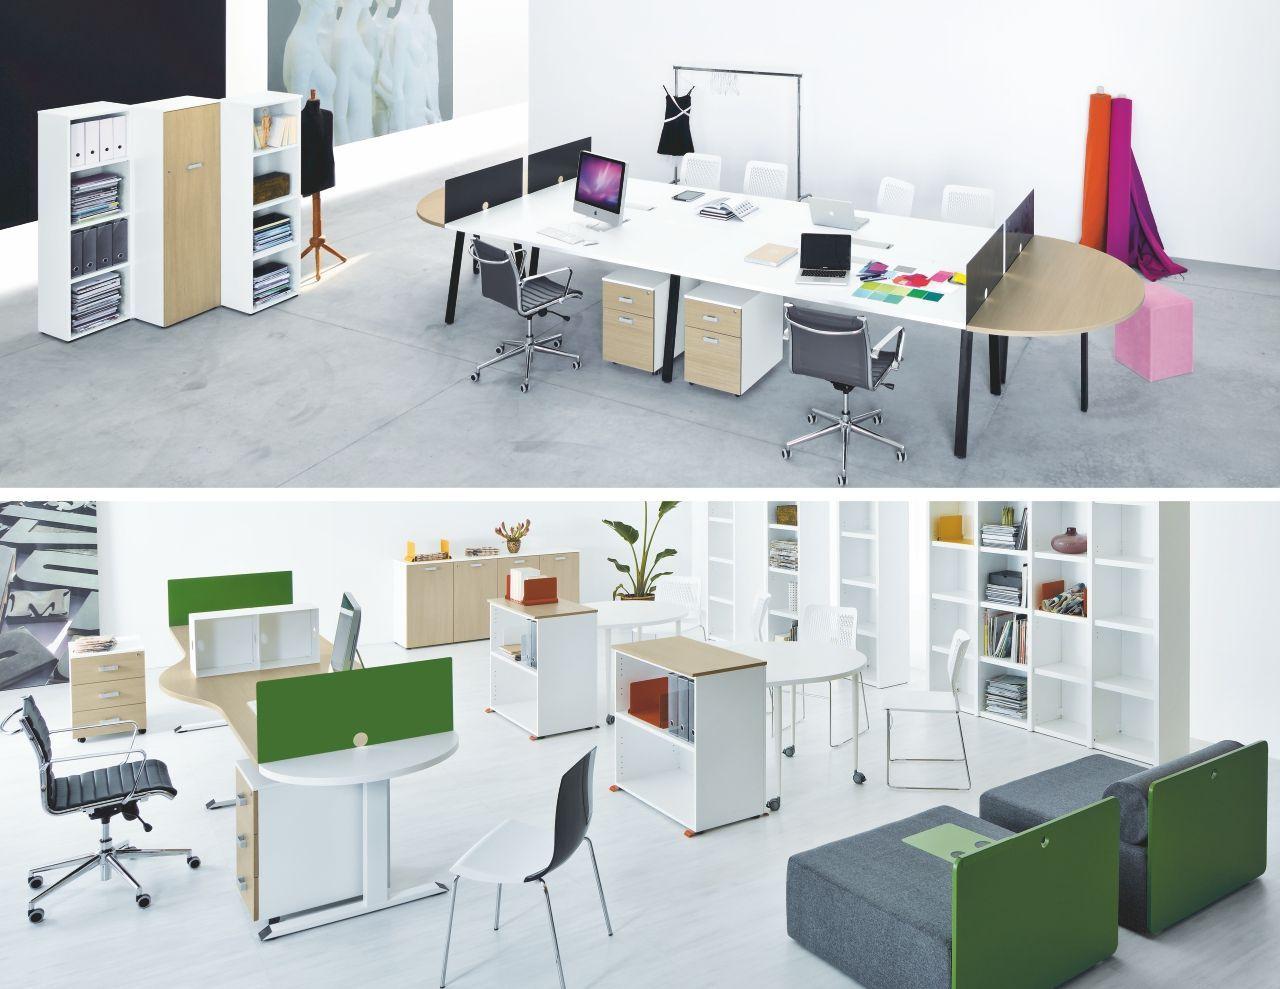 Ufficio Bianco E Grigio : Eidos spazio arredamenti per uffici uffici operativi www